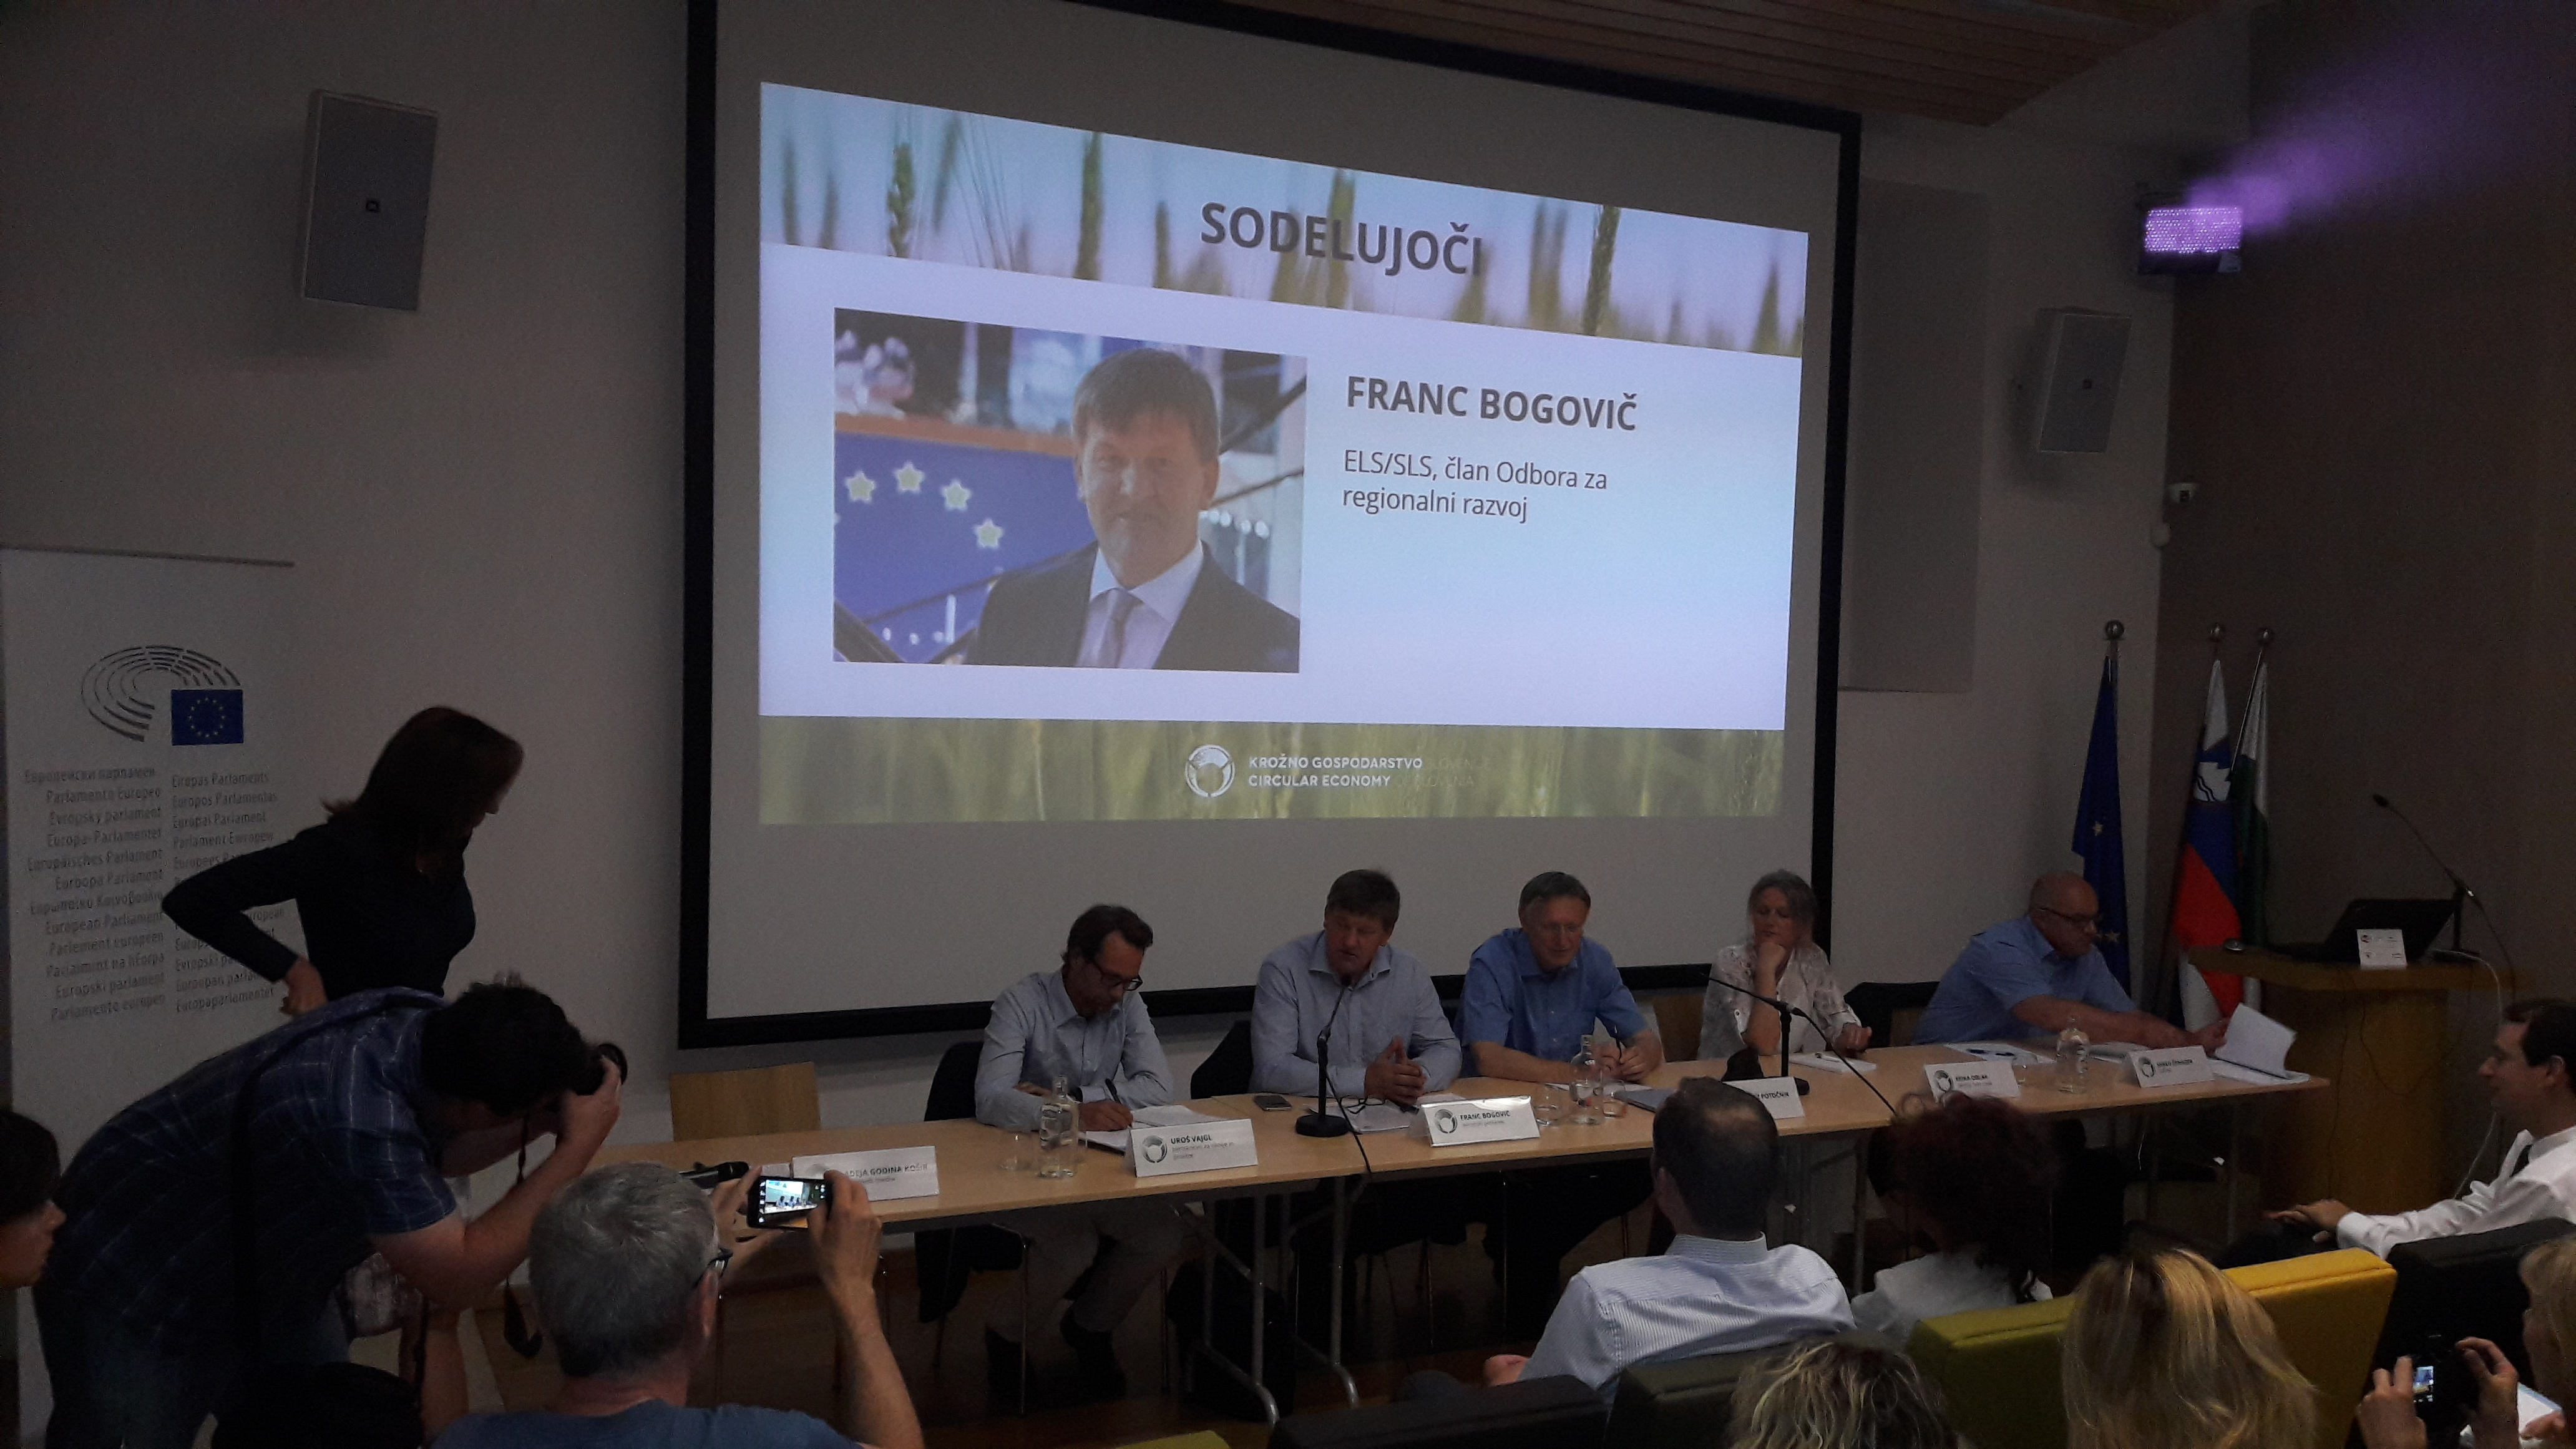 G. Franc Bogovič podpisuje Manifest Renovate Europe